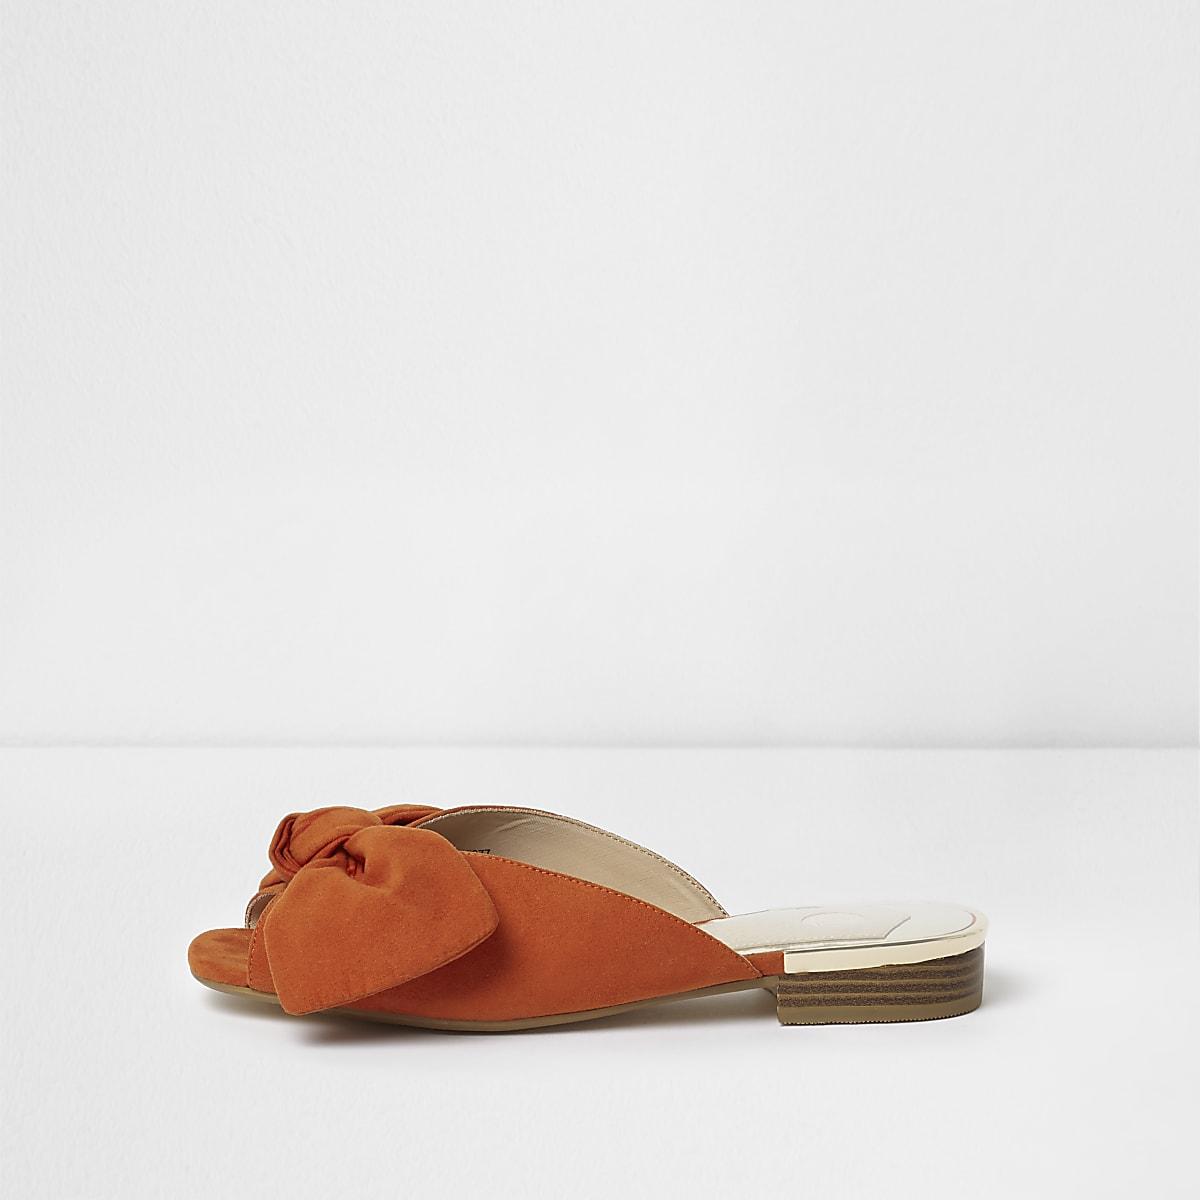 d6cadfac6 Orange bow mules - Sandals - Shoes   Boots - women